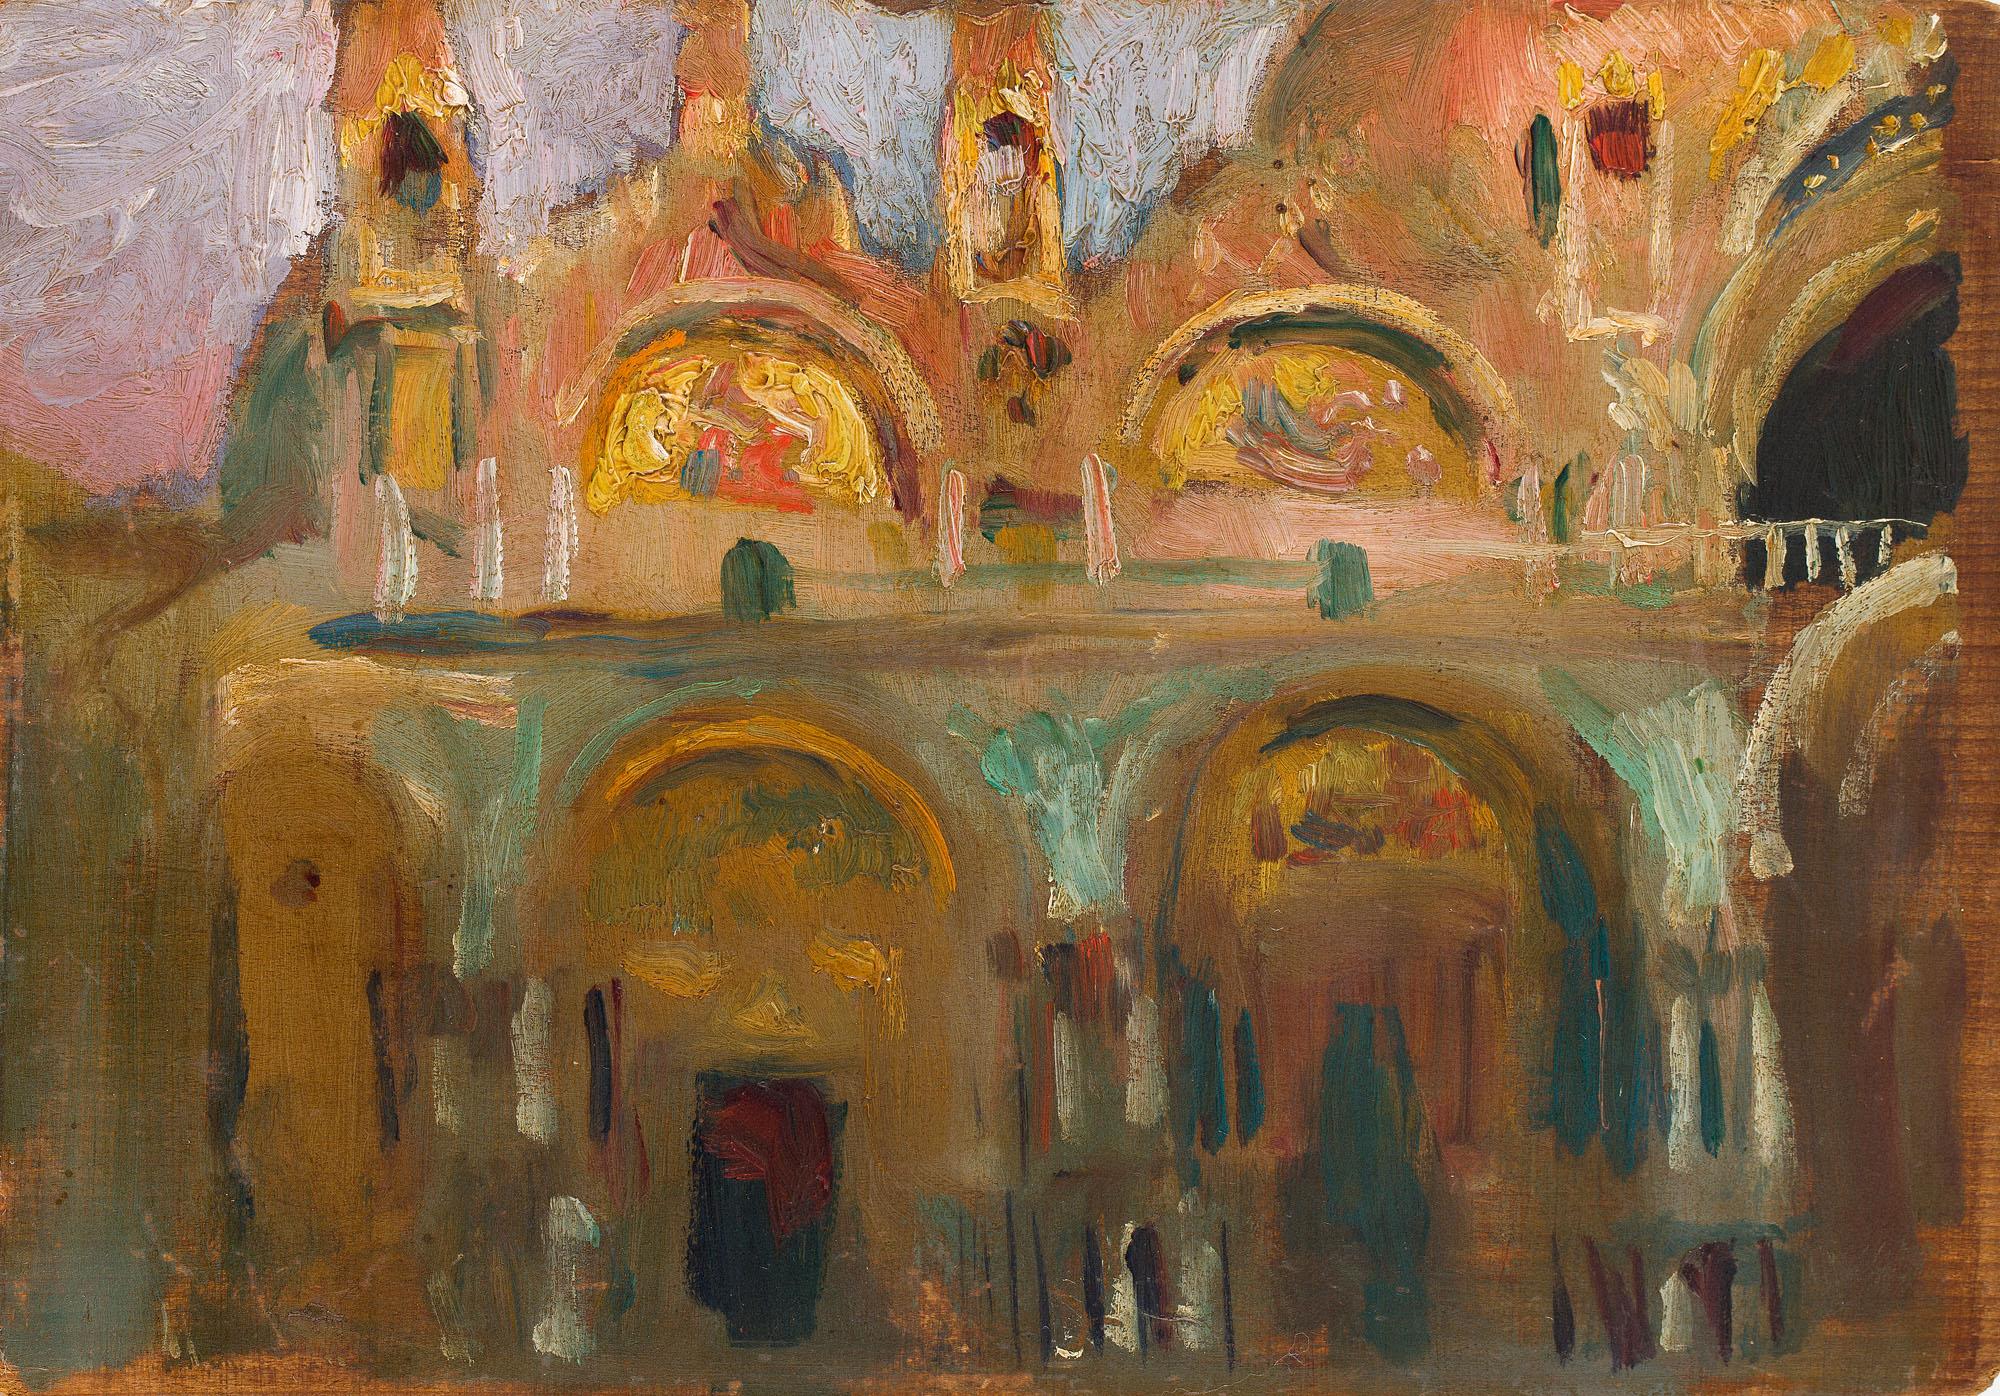 Bazylika św. Marka w Wenecji, 1899 (?)